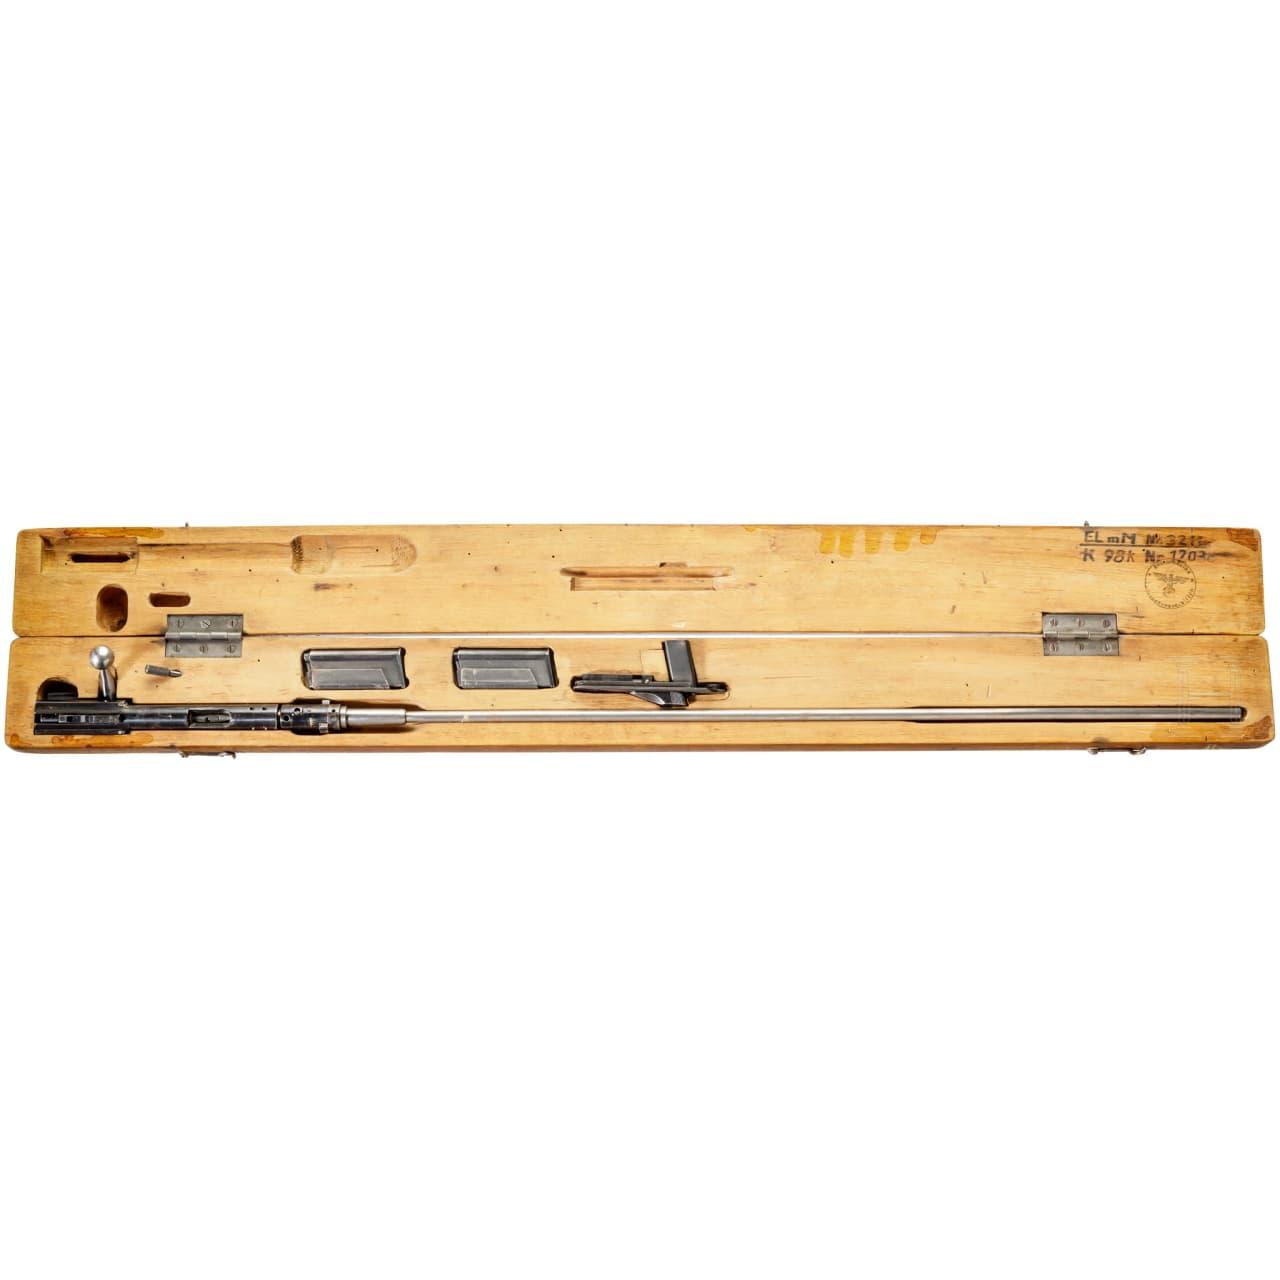 Einstecklauf Erma Mod. 1924 (E.L. 24), Mehrlader, im Kasten